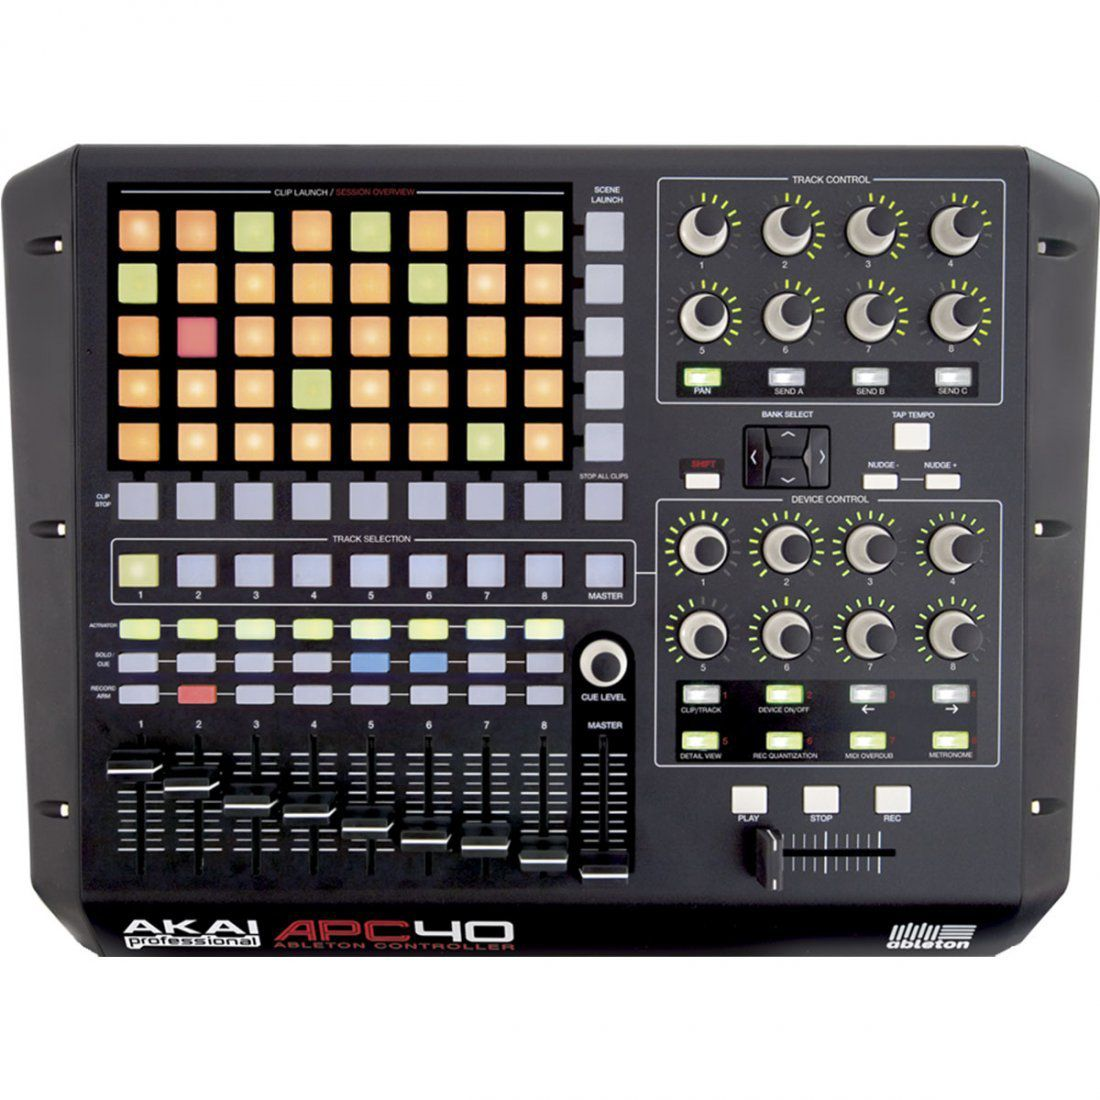 Akai APC40 Controladora APC 40 Produção Musical Pads Faders e Knobs Ableton Live